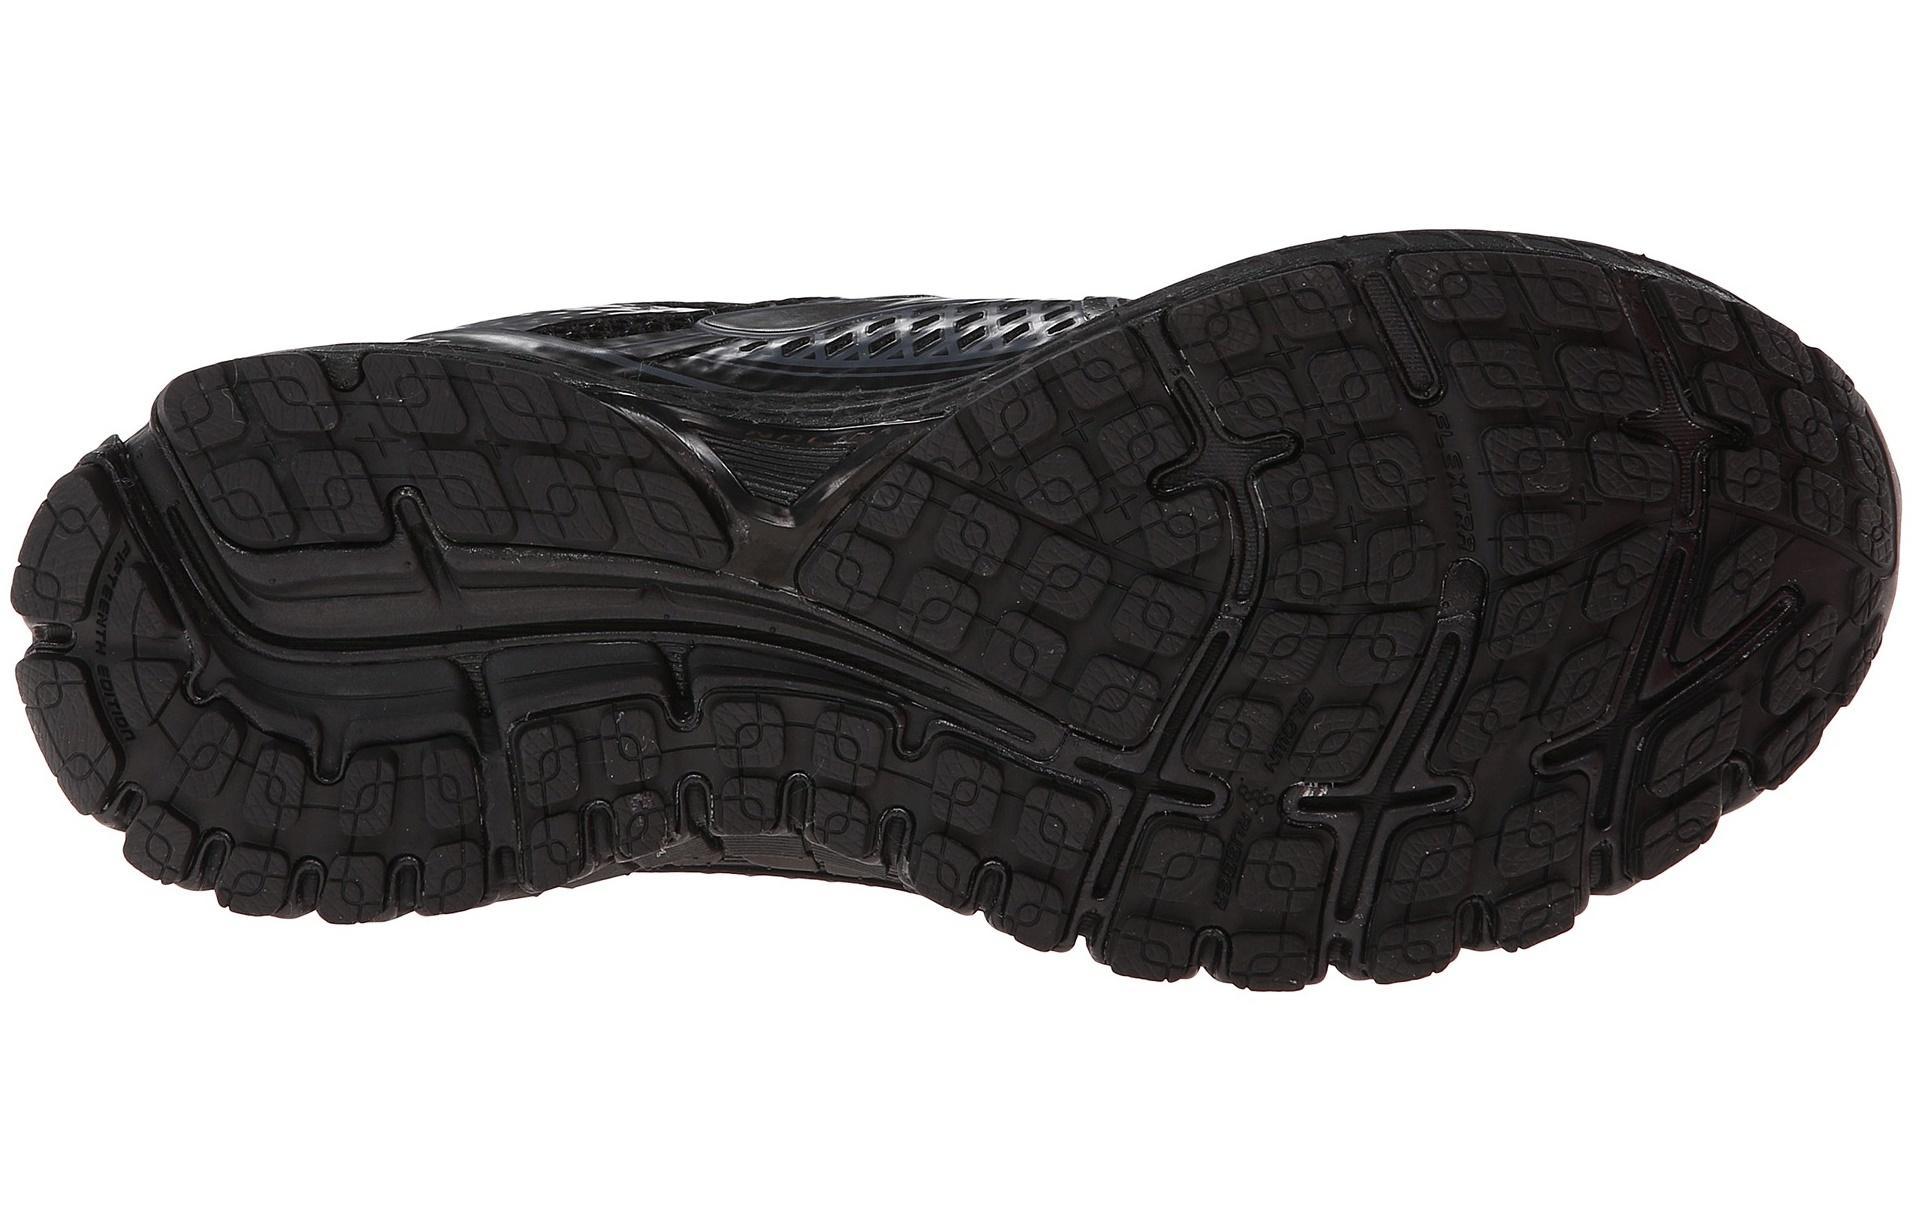 Мужские беговые кроссовки Brooks Adrenaline Gts 15 (101811D068) черные фото